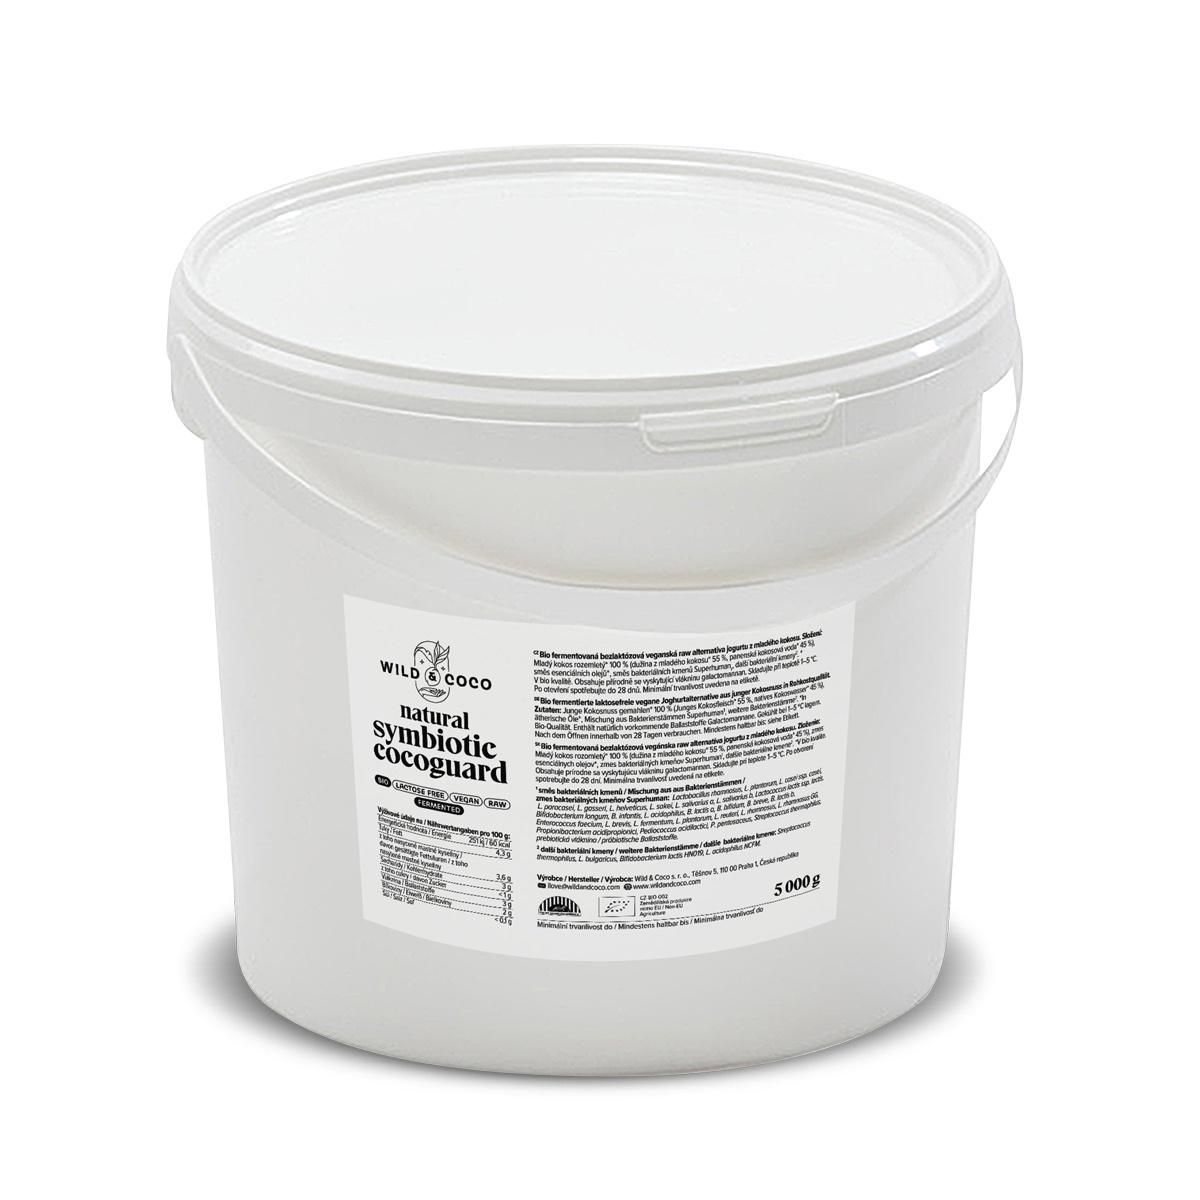 Levně Natural Symbiotic Cocoguard BIO (Gastro)